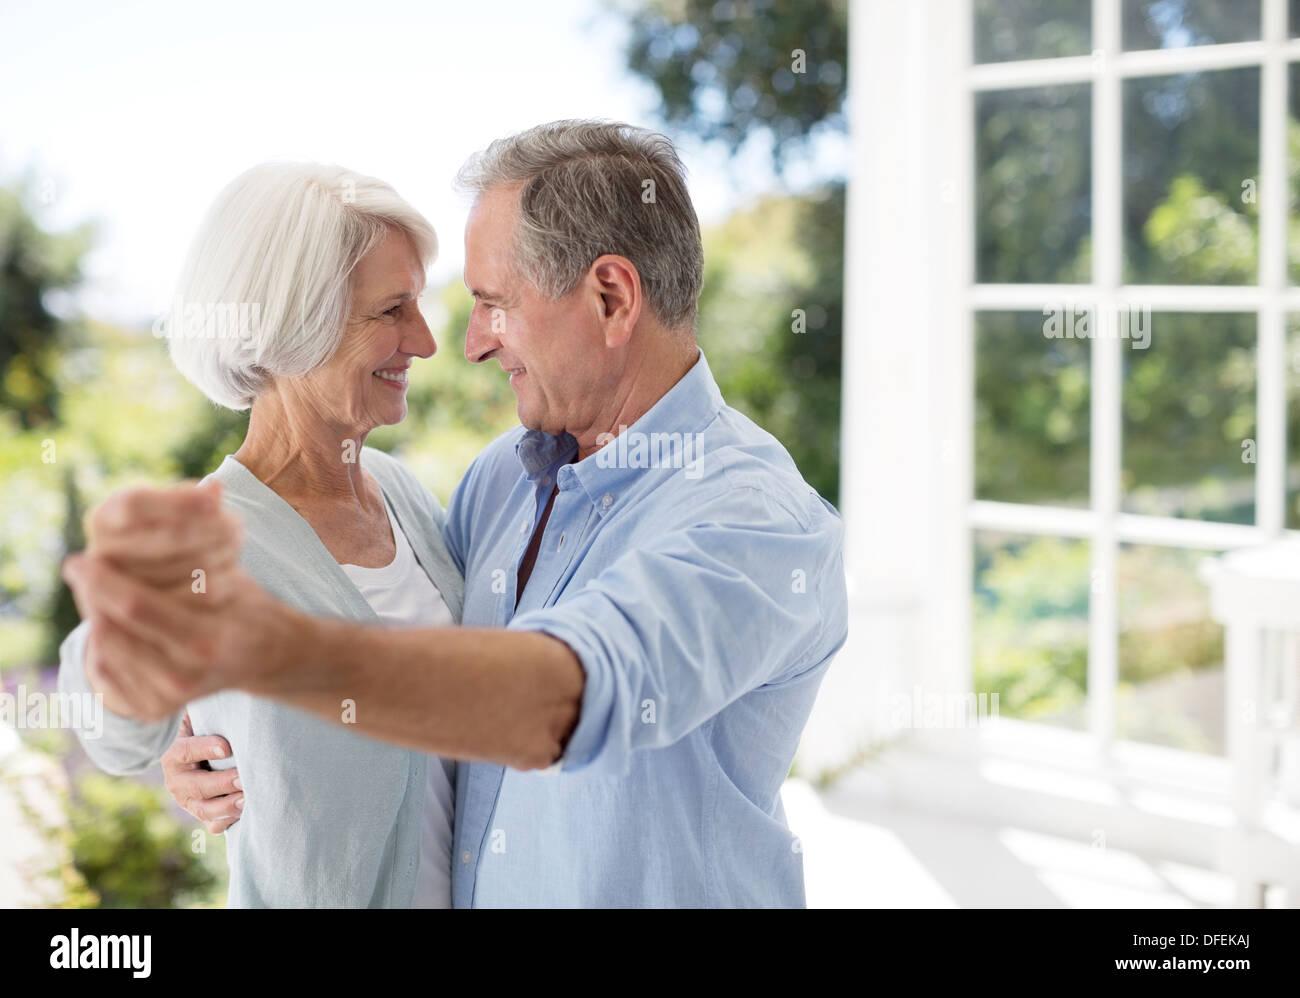 Rückkehr als älterer erwachsener zu datieren